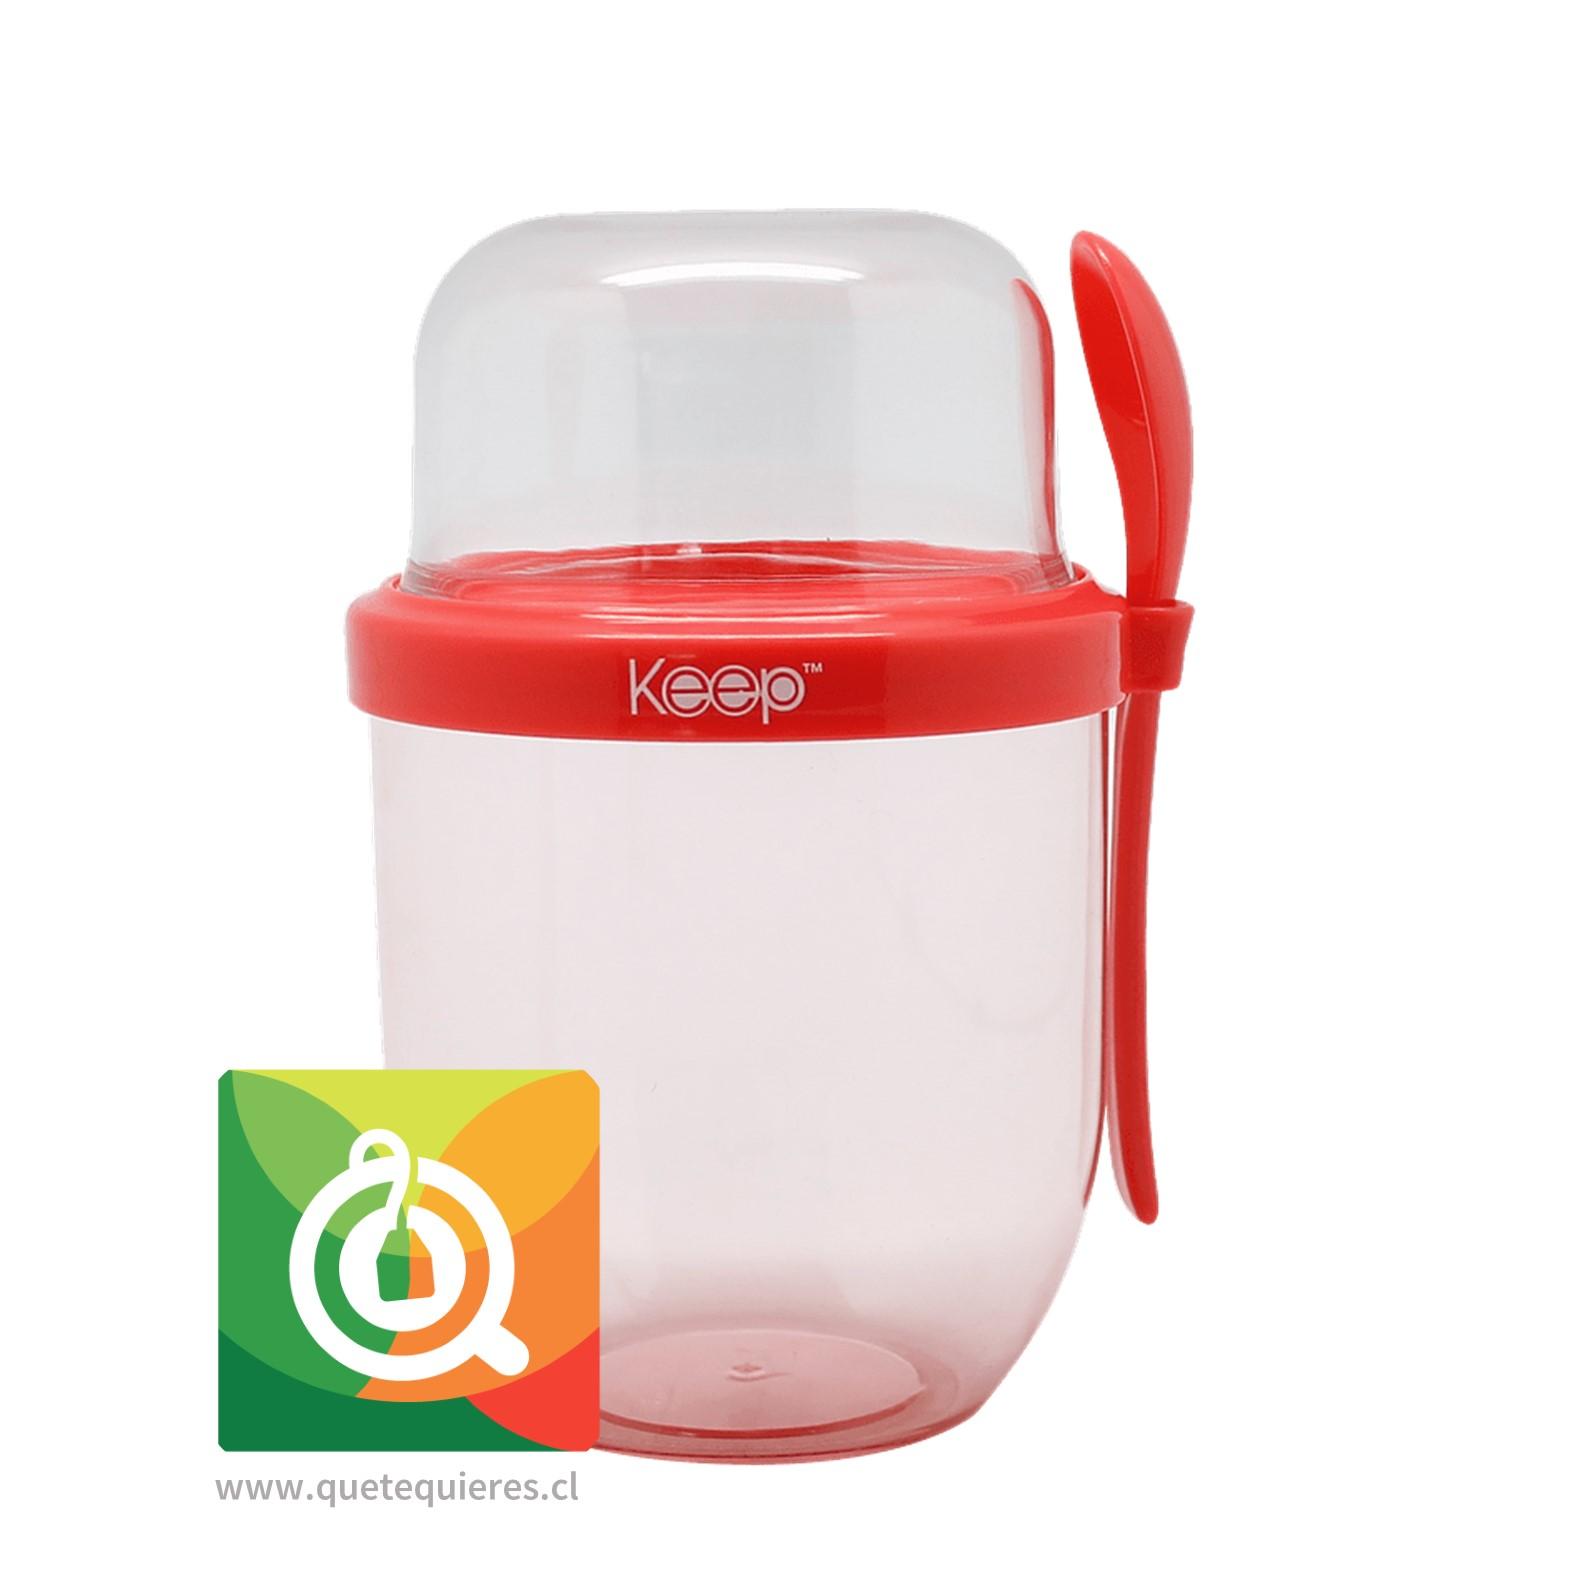 Keep Vaso Yogurt To Go II Rojo